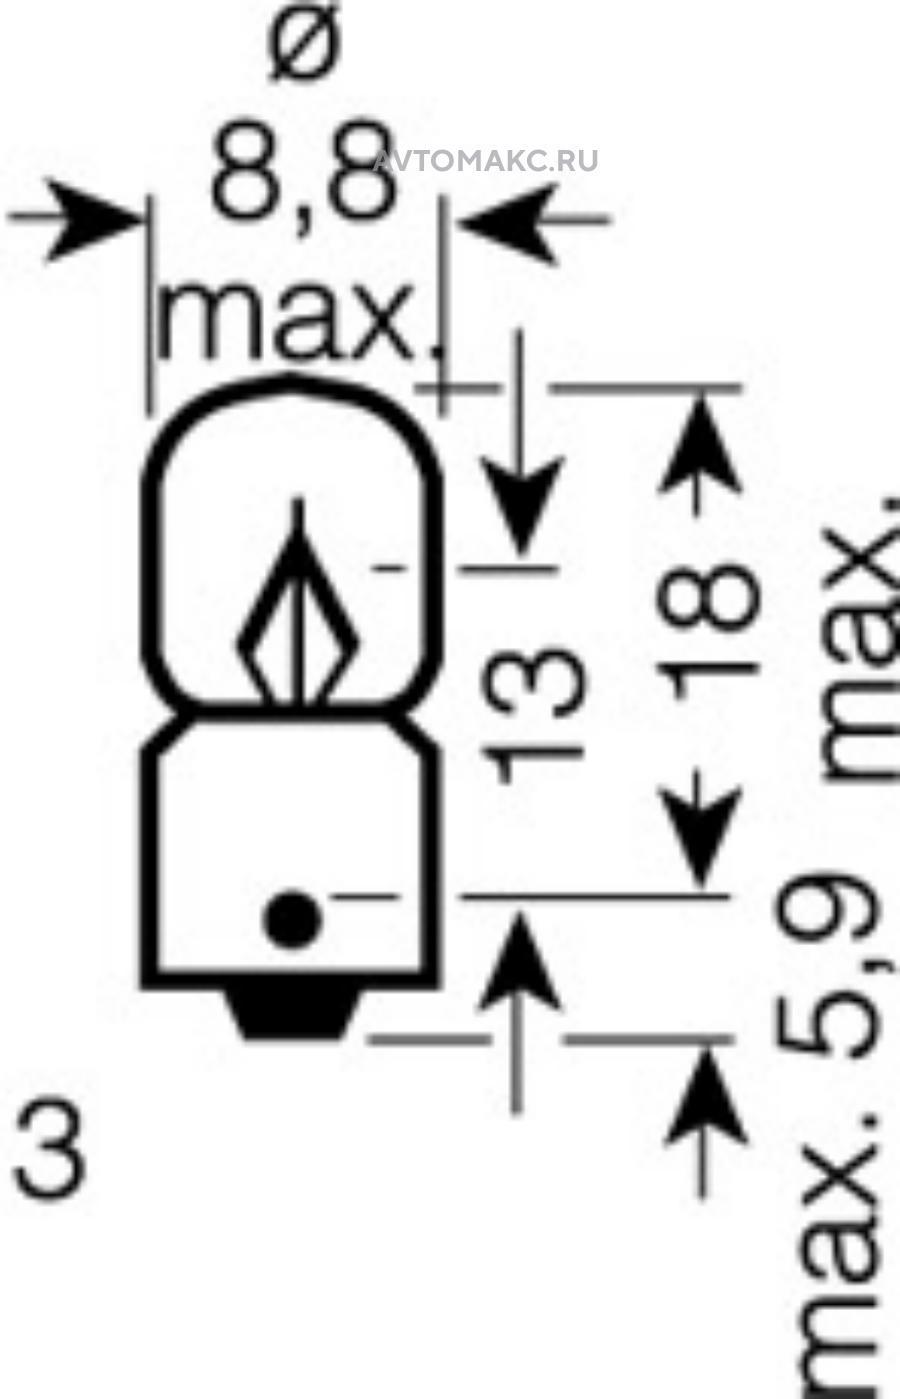 Лампа T4W 12V 2W BA9s ORIGINAL LINE качество оригинальной з/ч (ОЕМ) 1 шт.